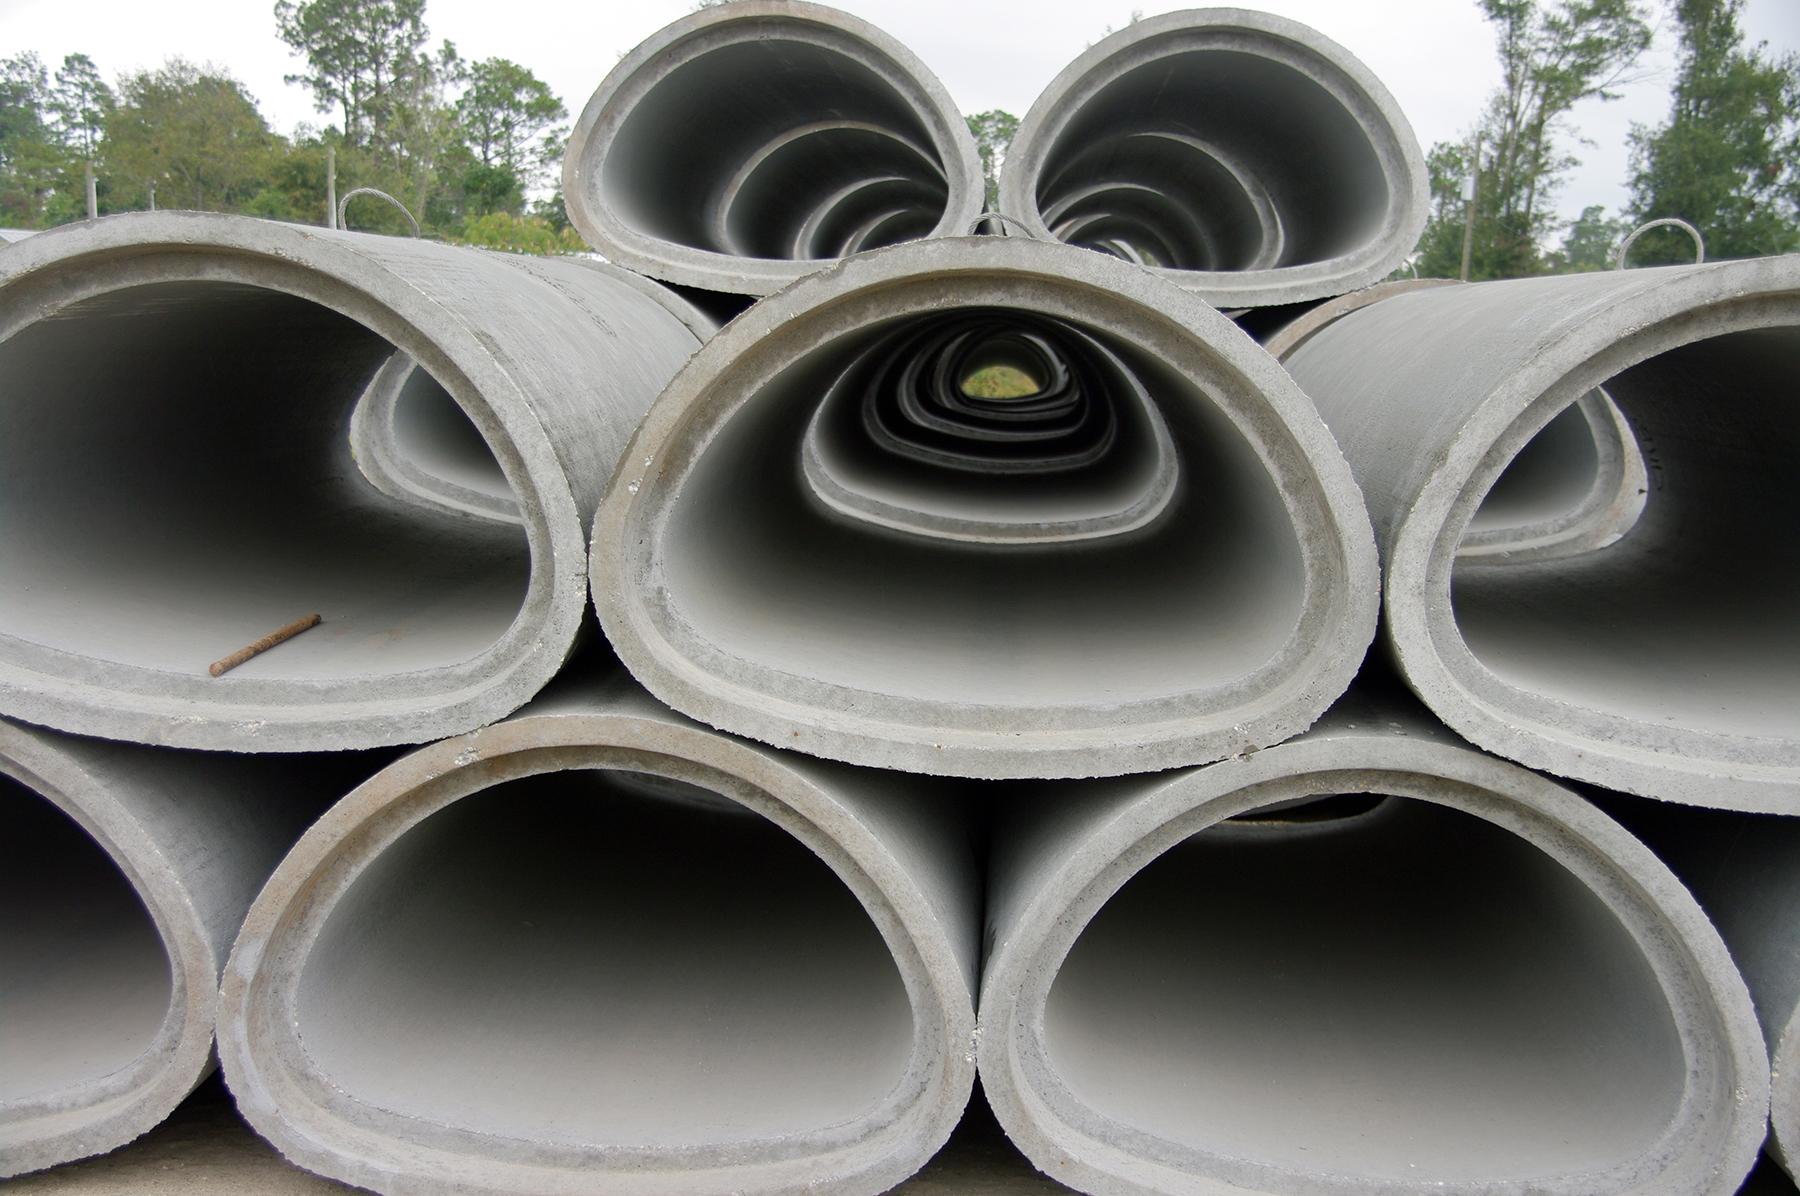 Precast Concrete Pipe National Precast Concrete Association